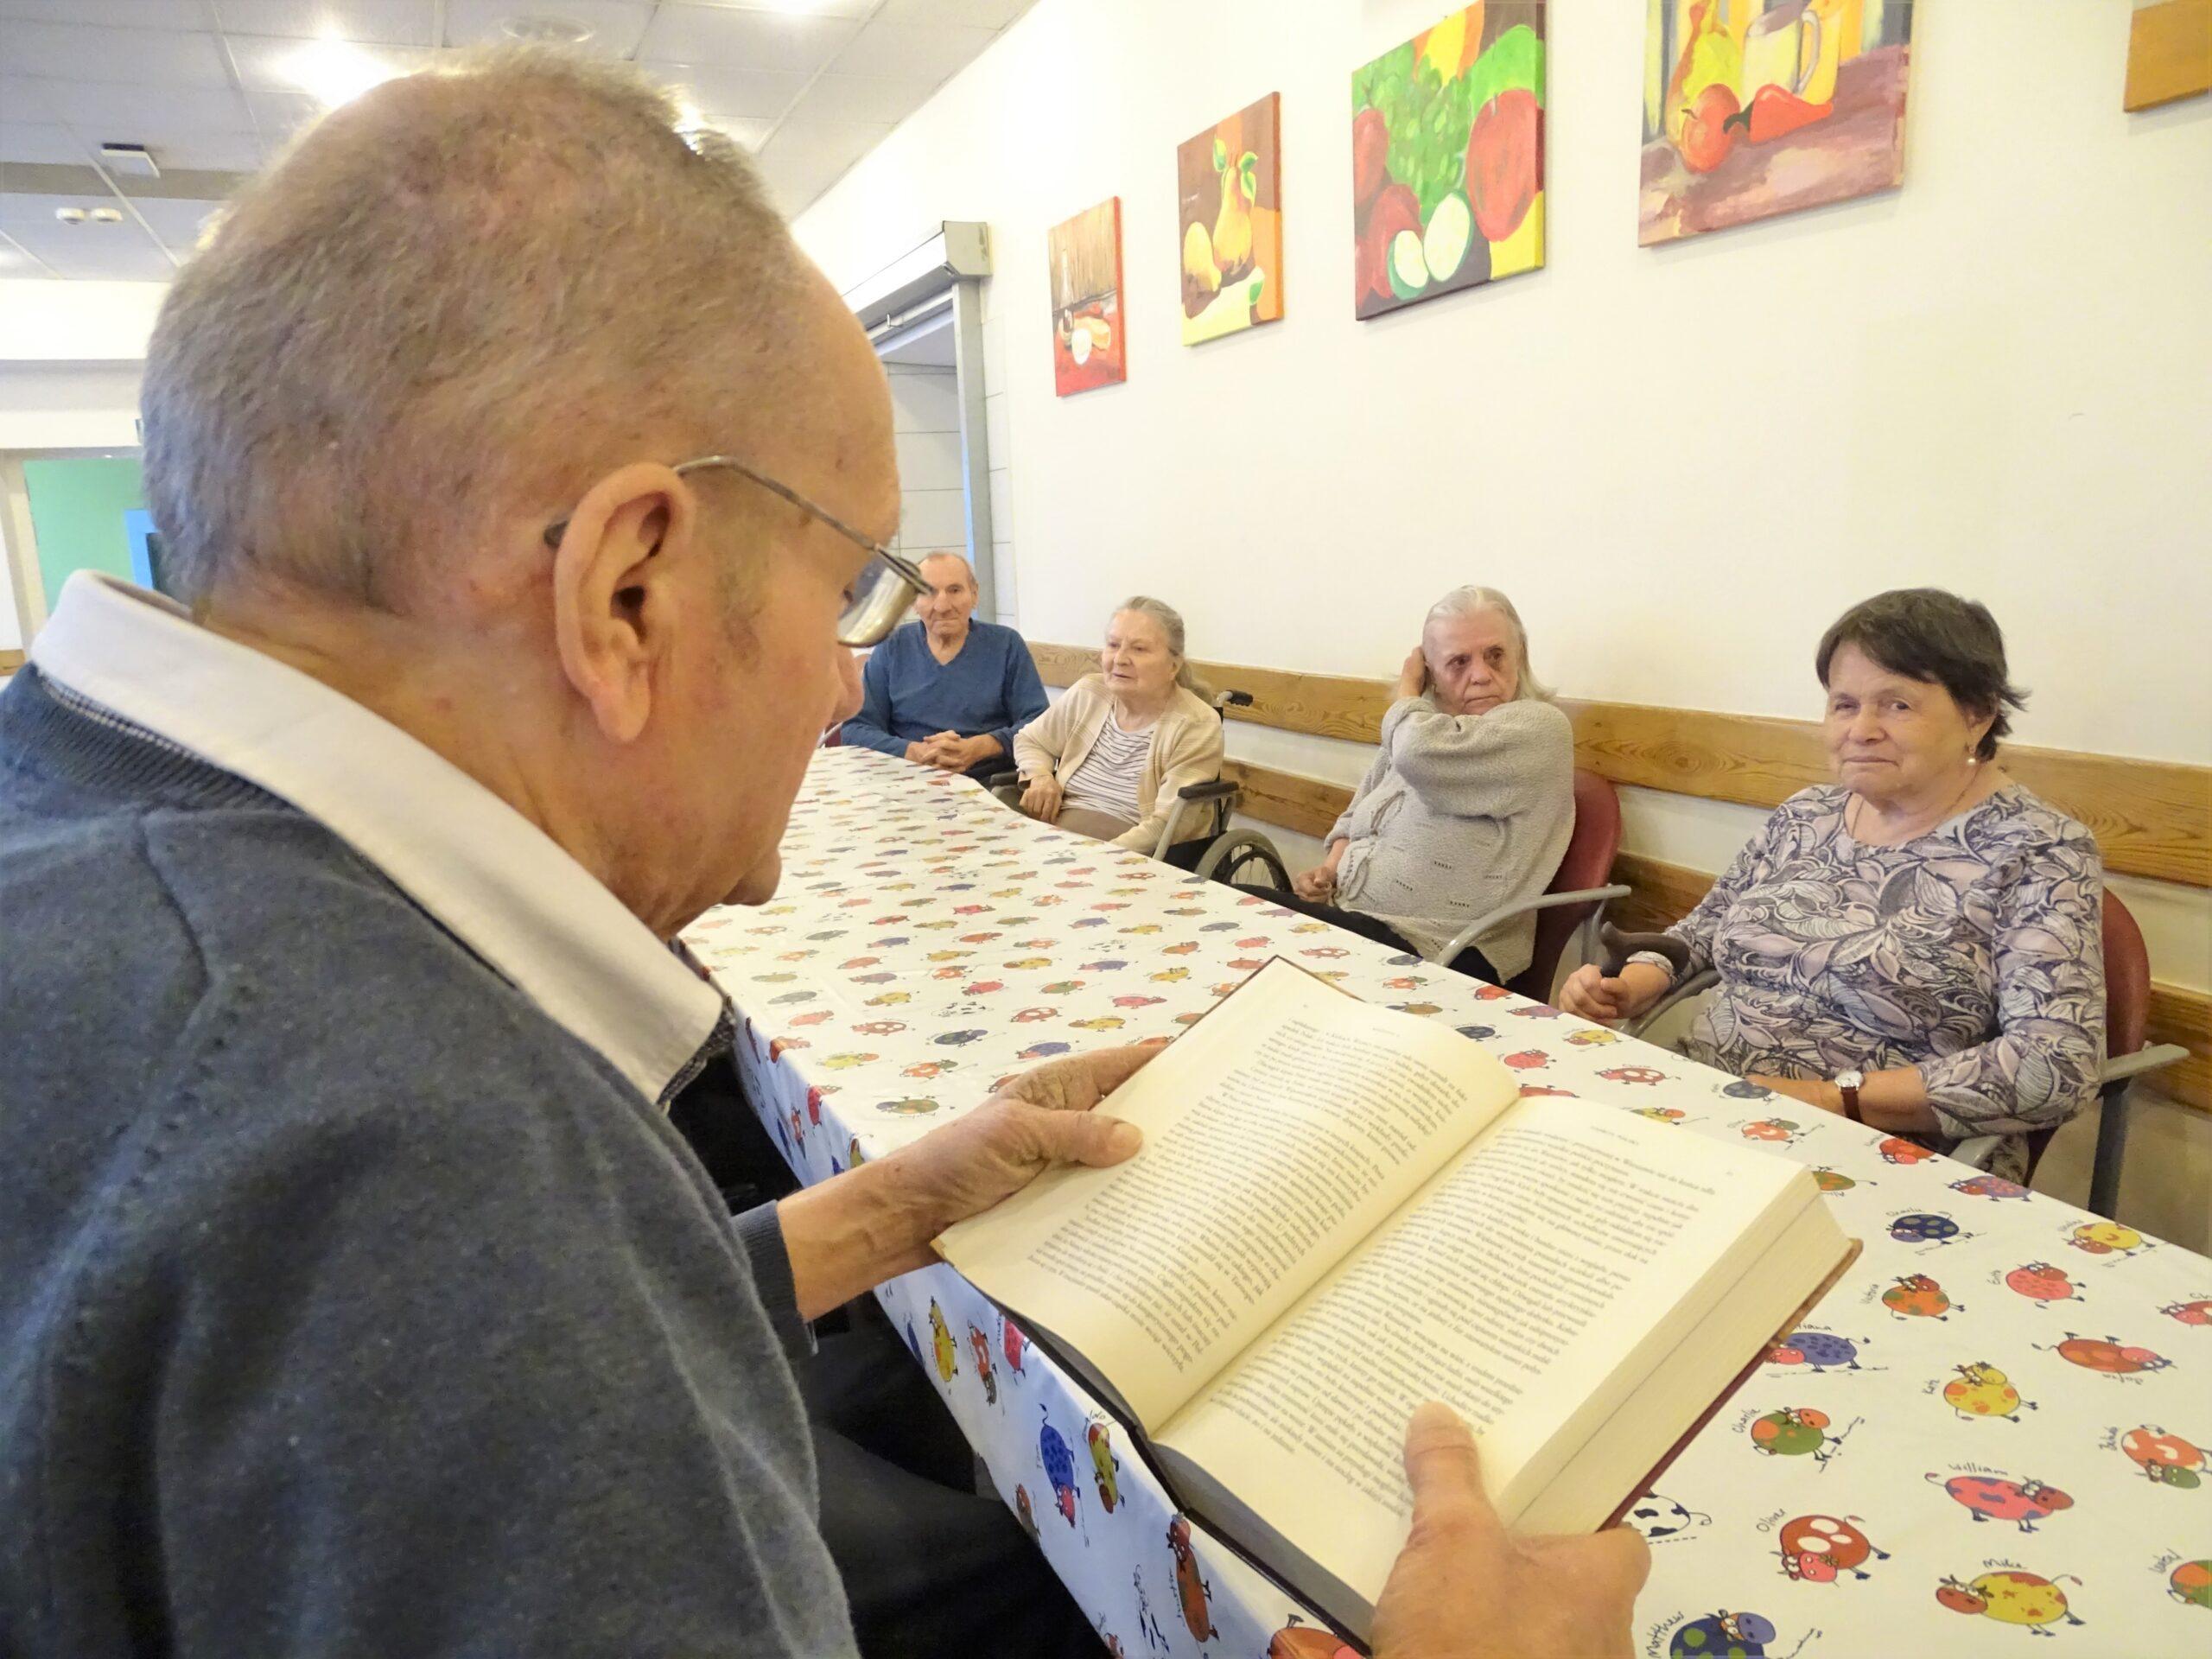 Mężczyzna czyta książkę, w tle seniorzy siedzący i słuchający mężczyzny